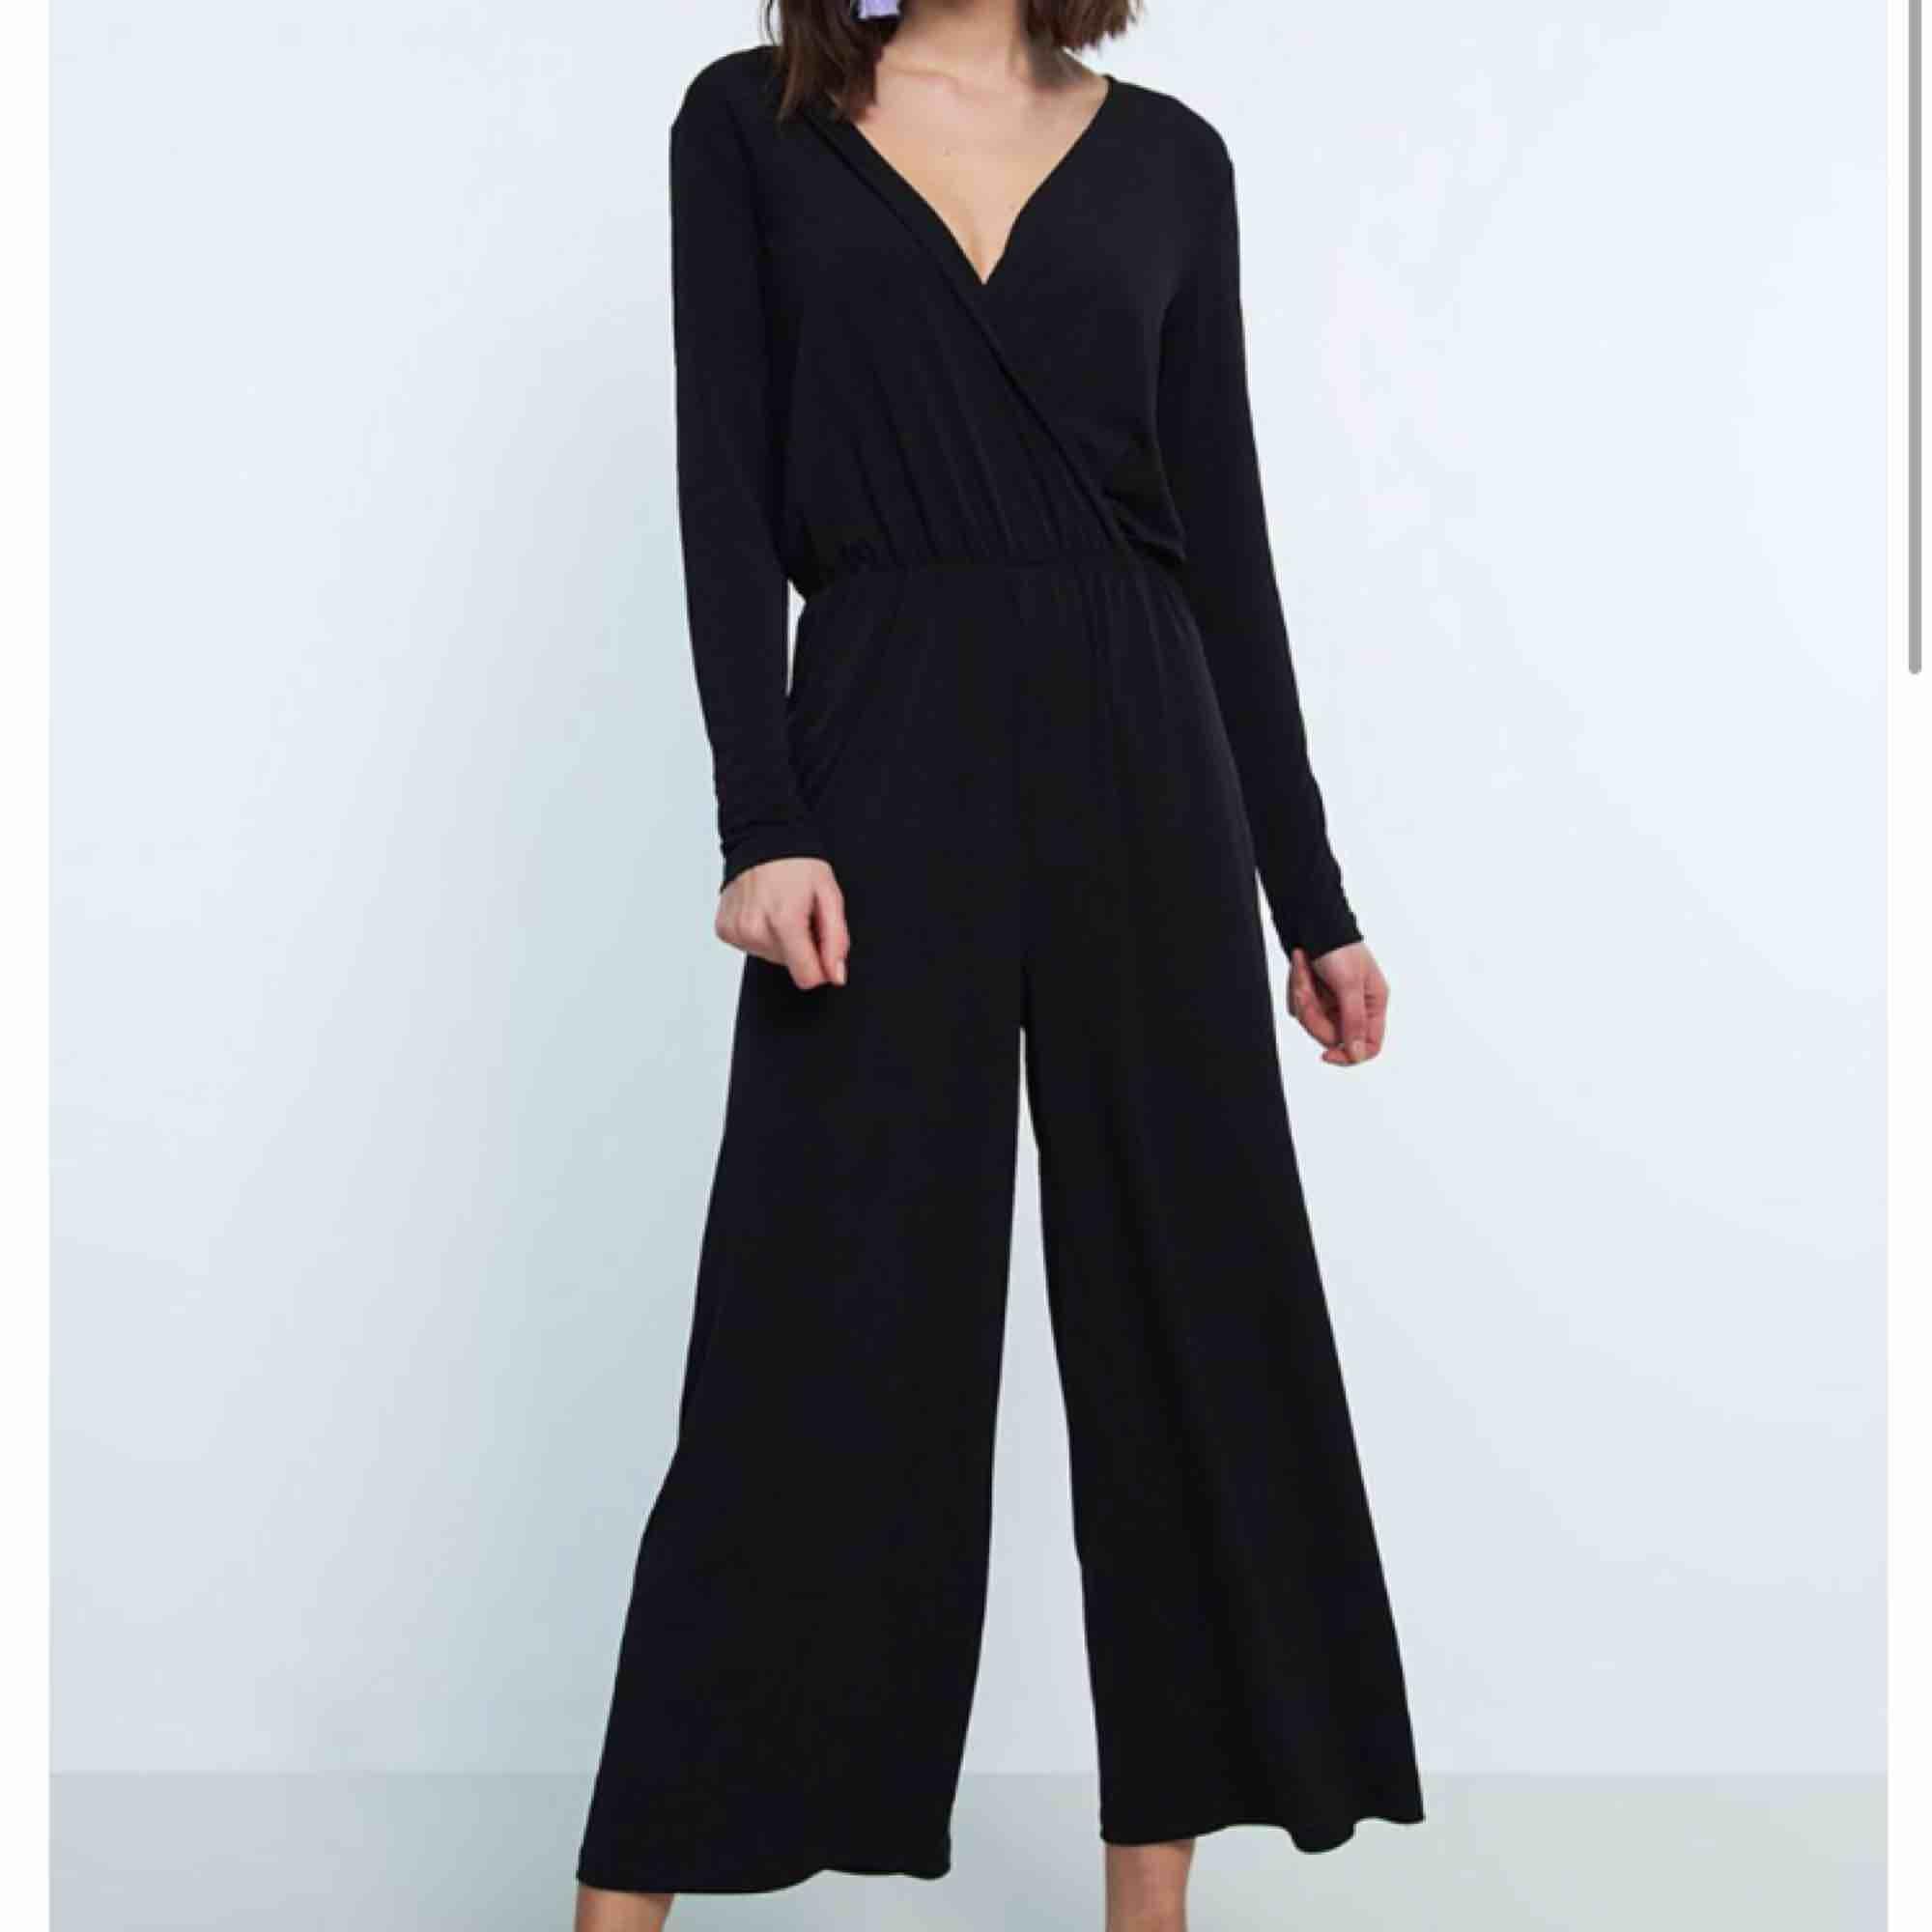 Hej, säljer en svart byxdress den Gina tricot. Den är endast används vid 1 tillfälle. Hör av er om ni har frågor❣️. Kostymer.